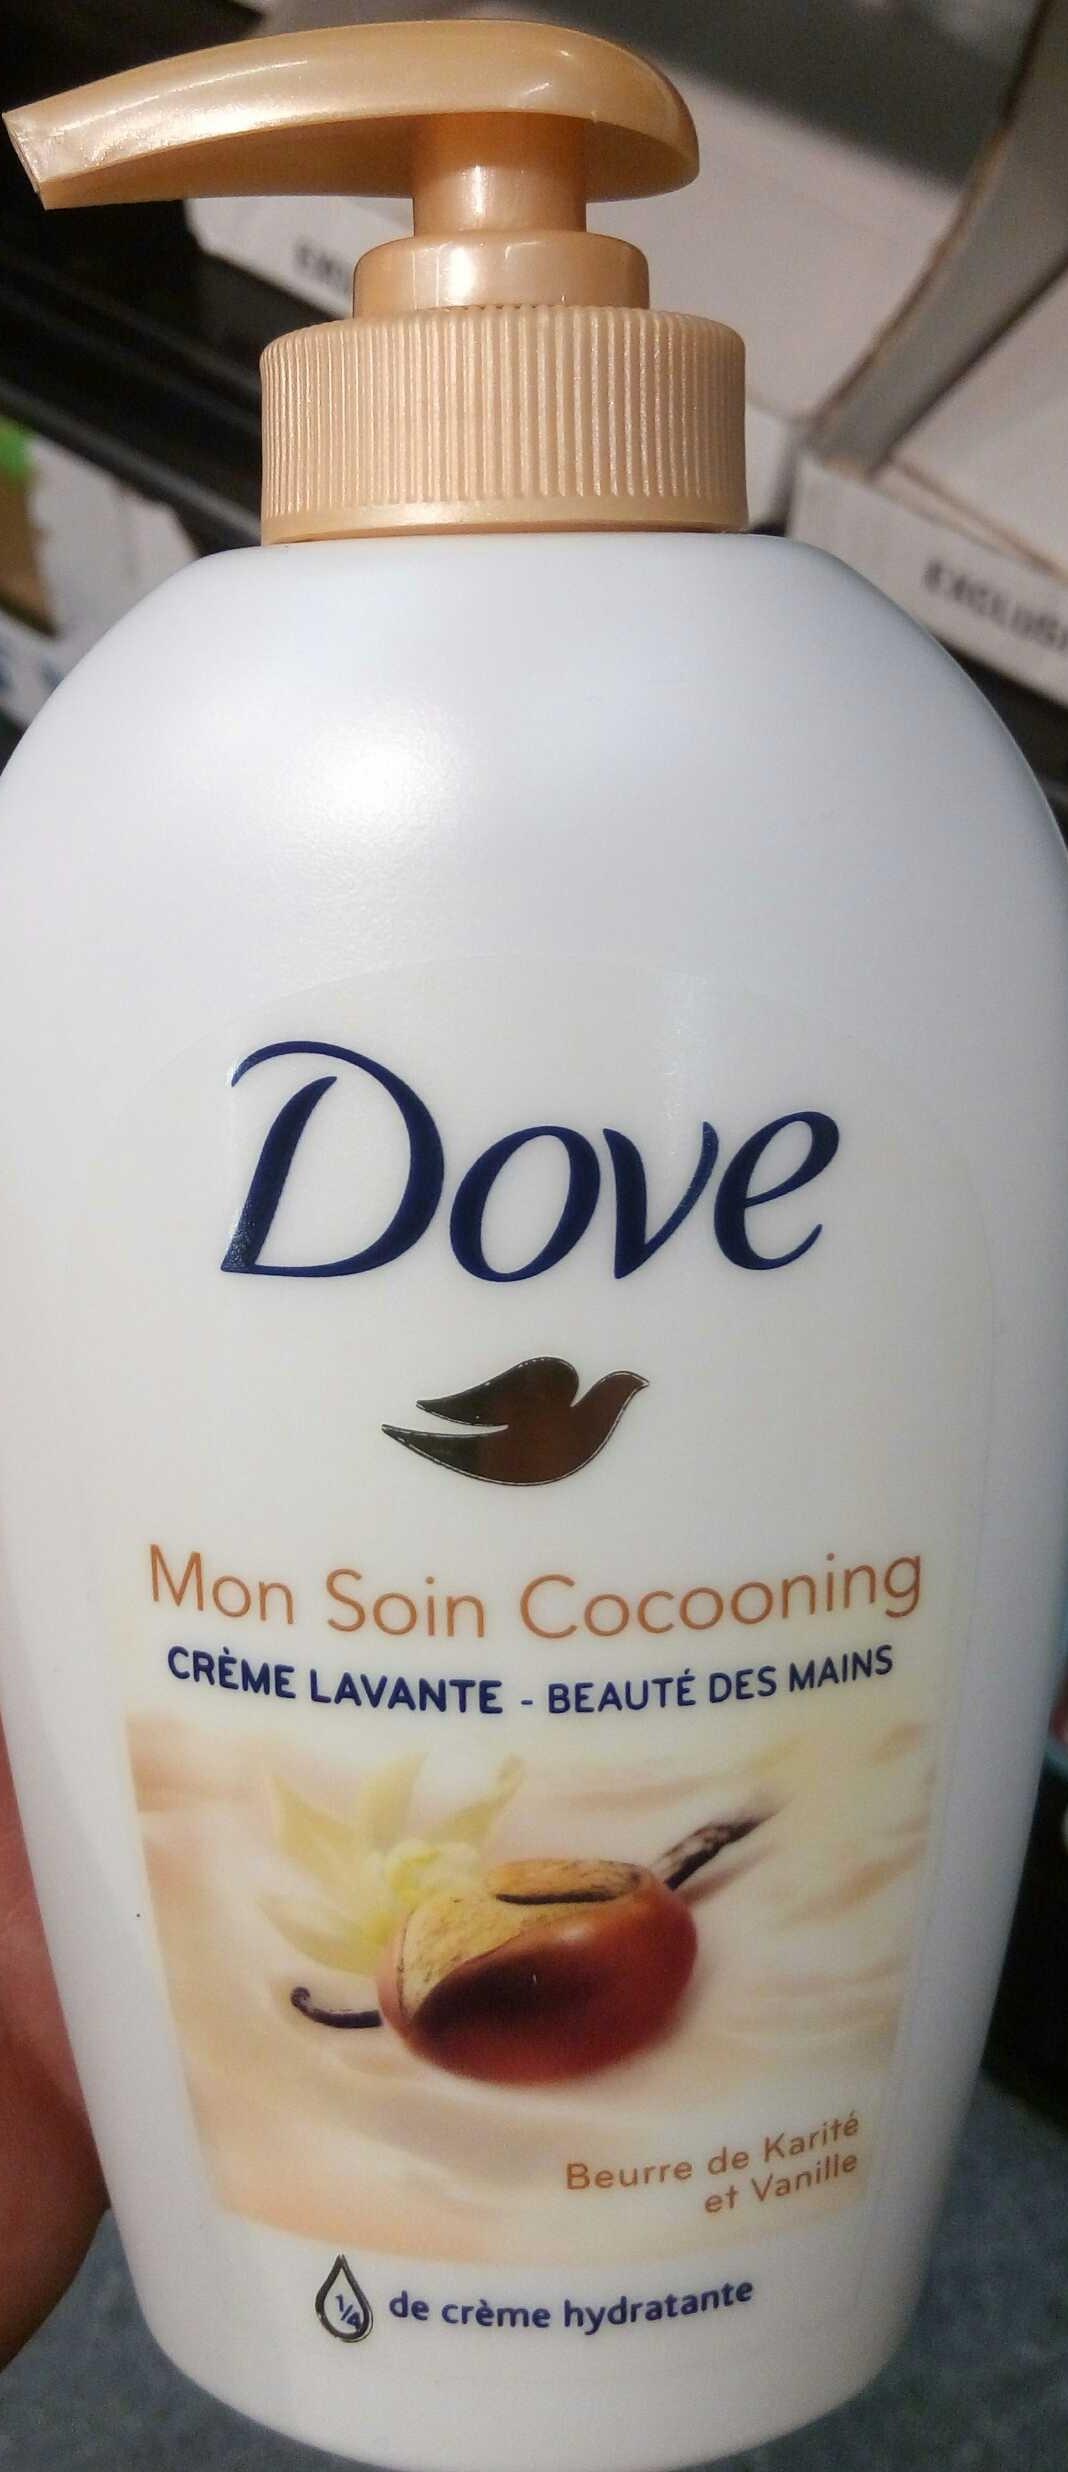 Mon soin cocooning - crème lavante beauté des mains - Product